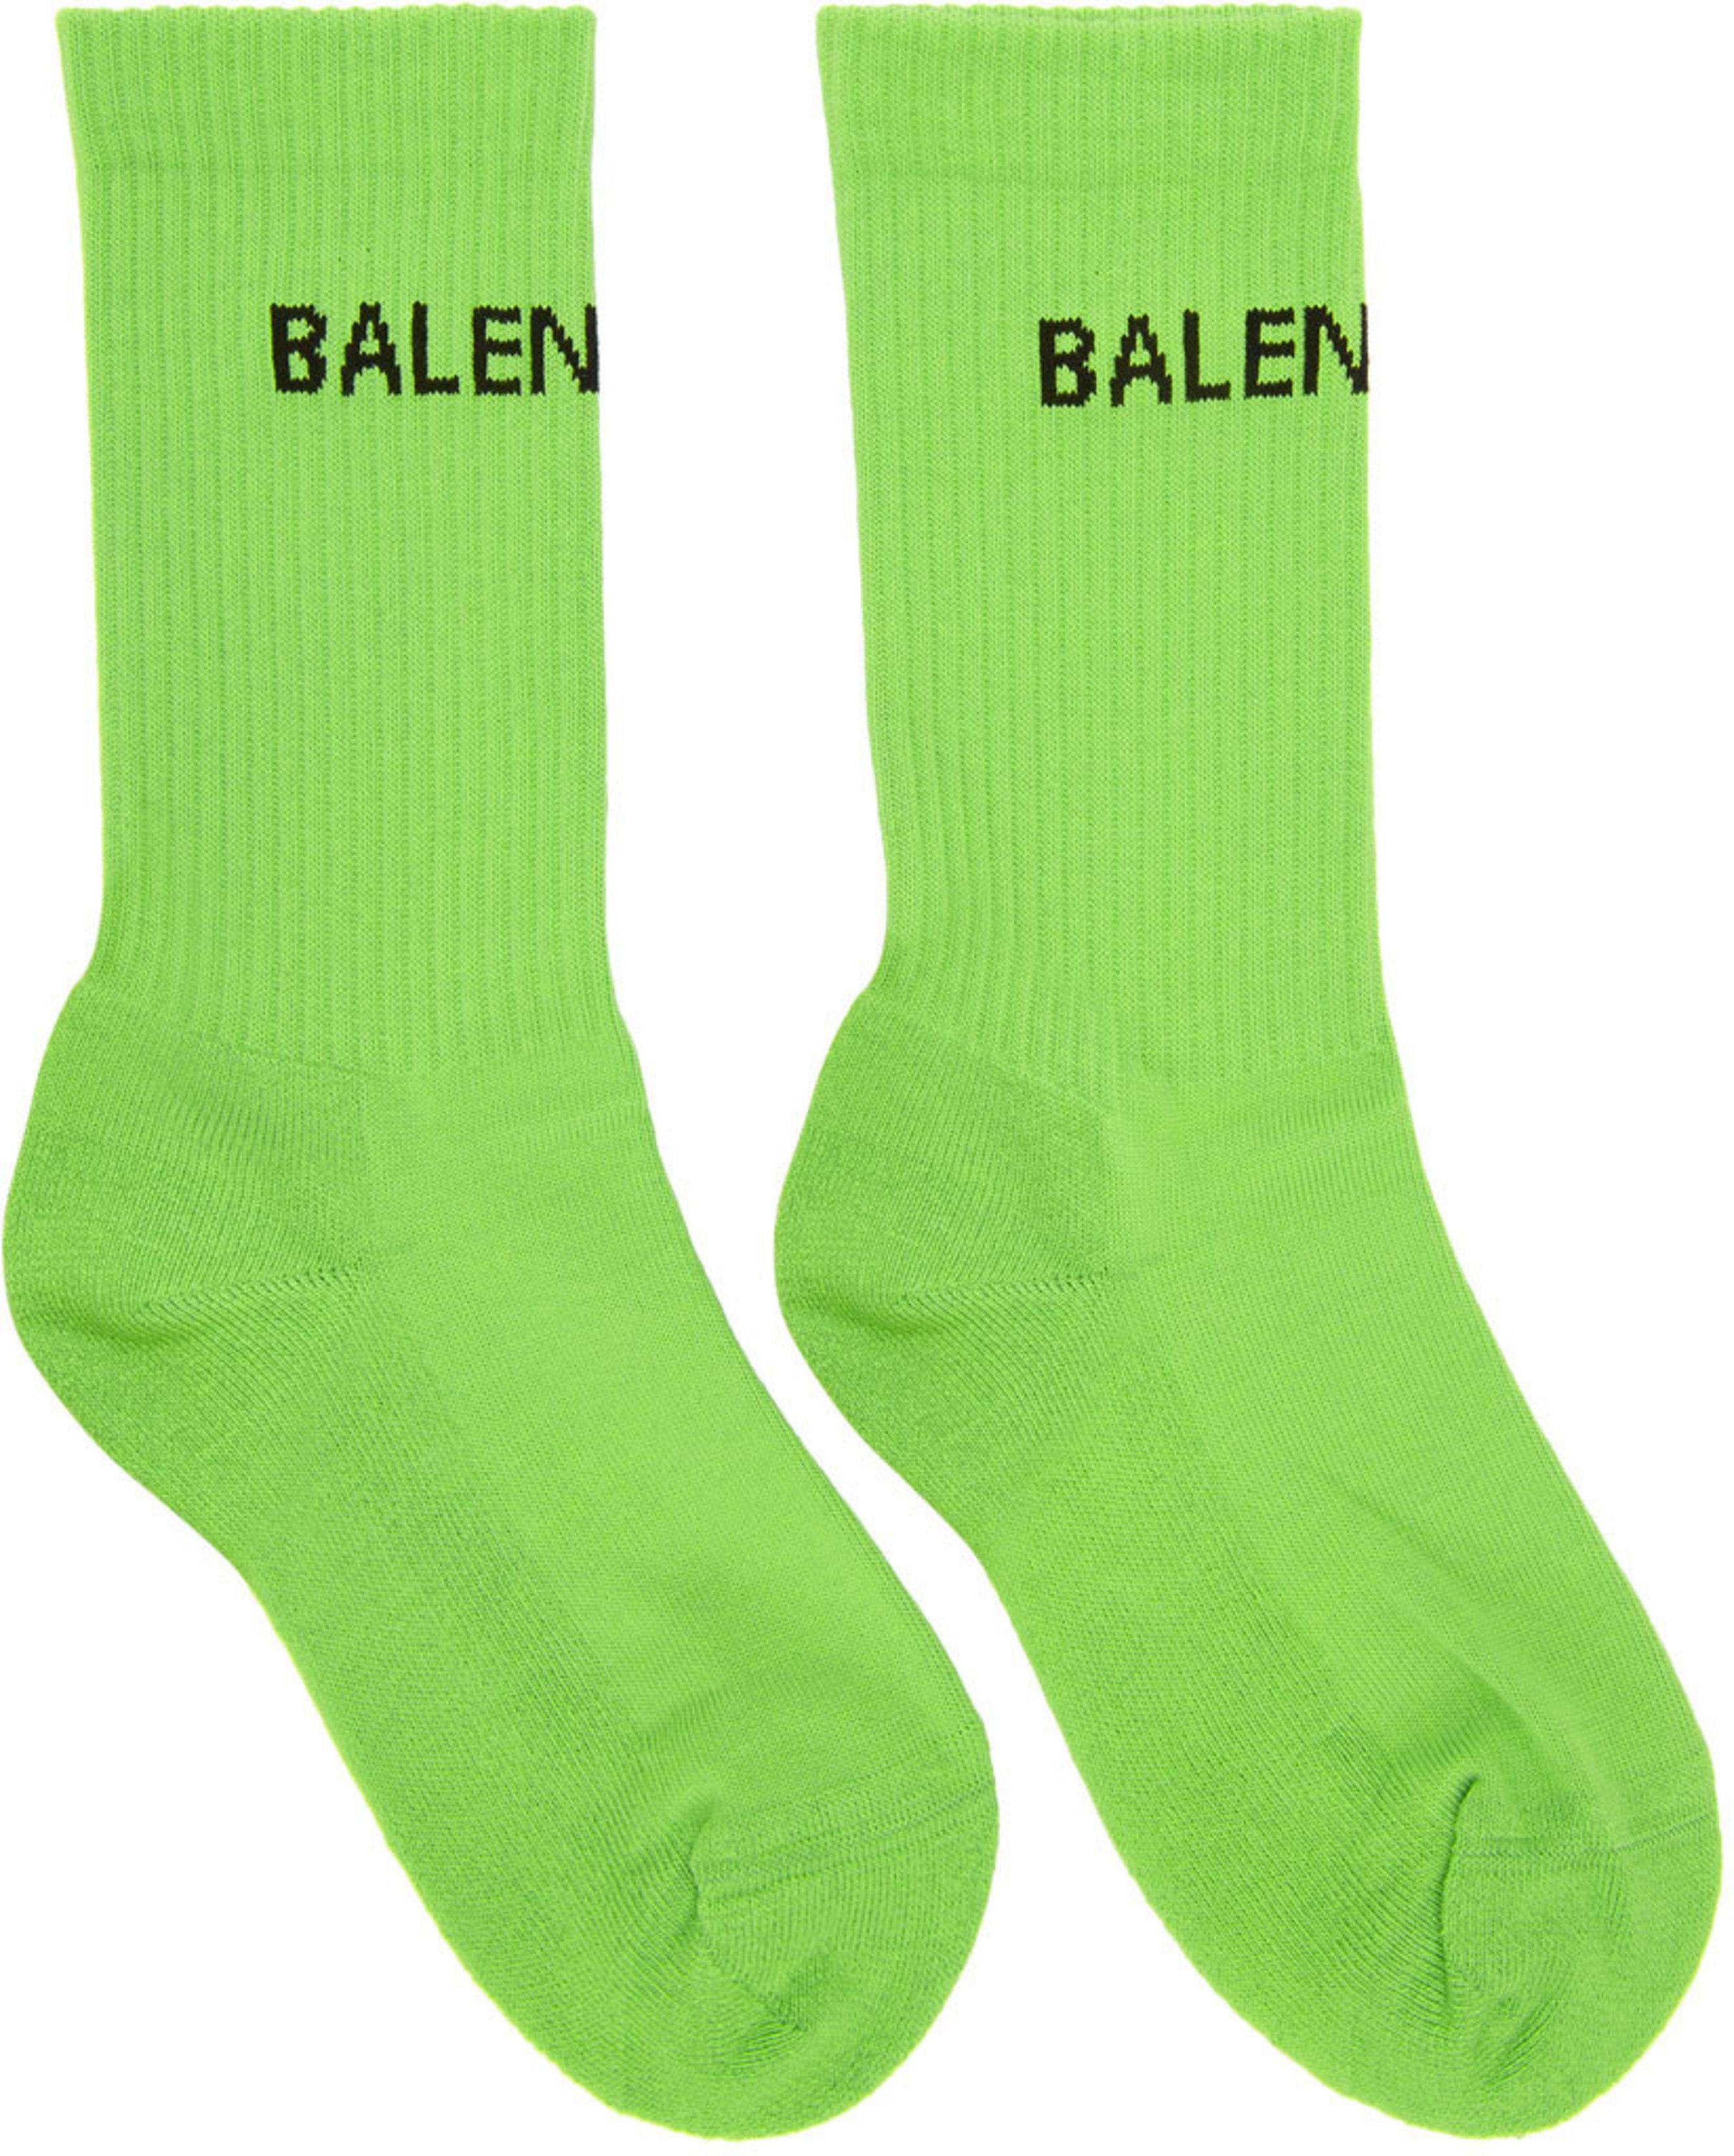 8bc61507316 Balenciaga socks for Women